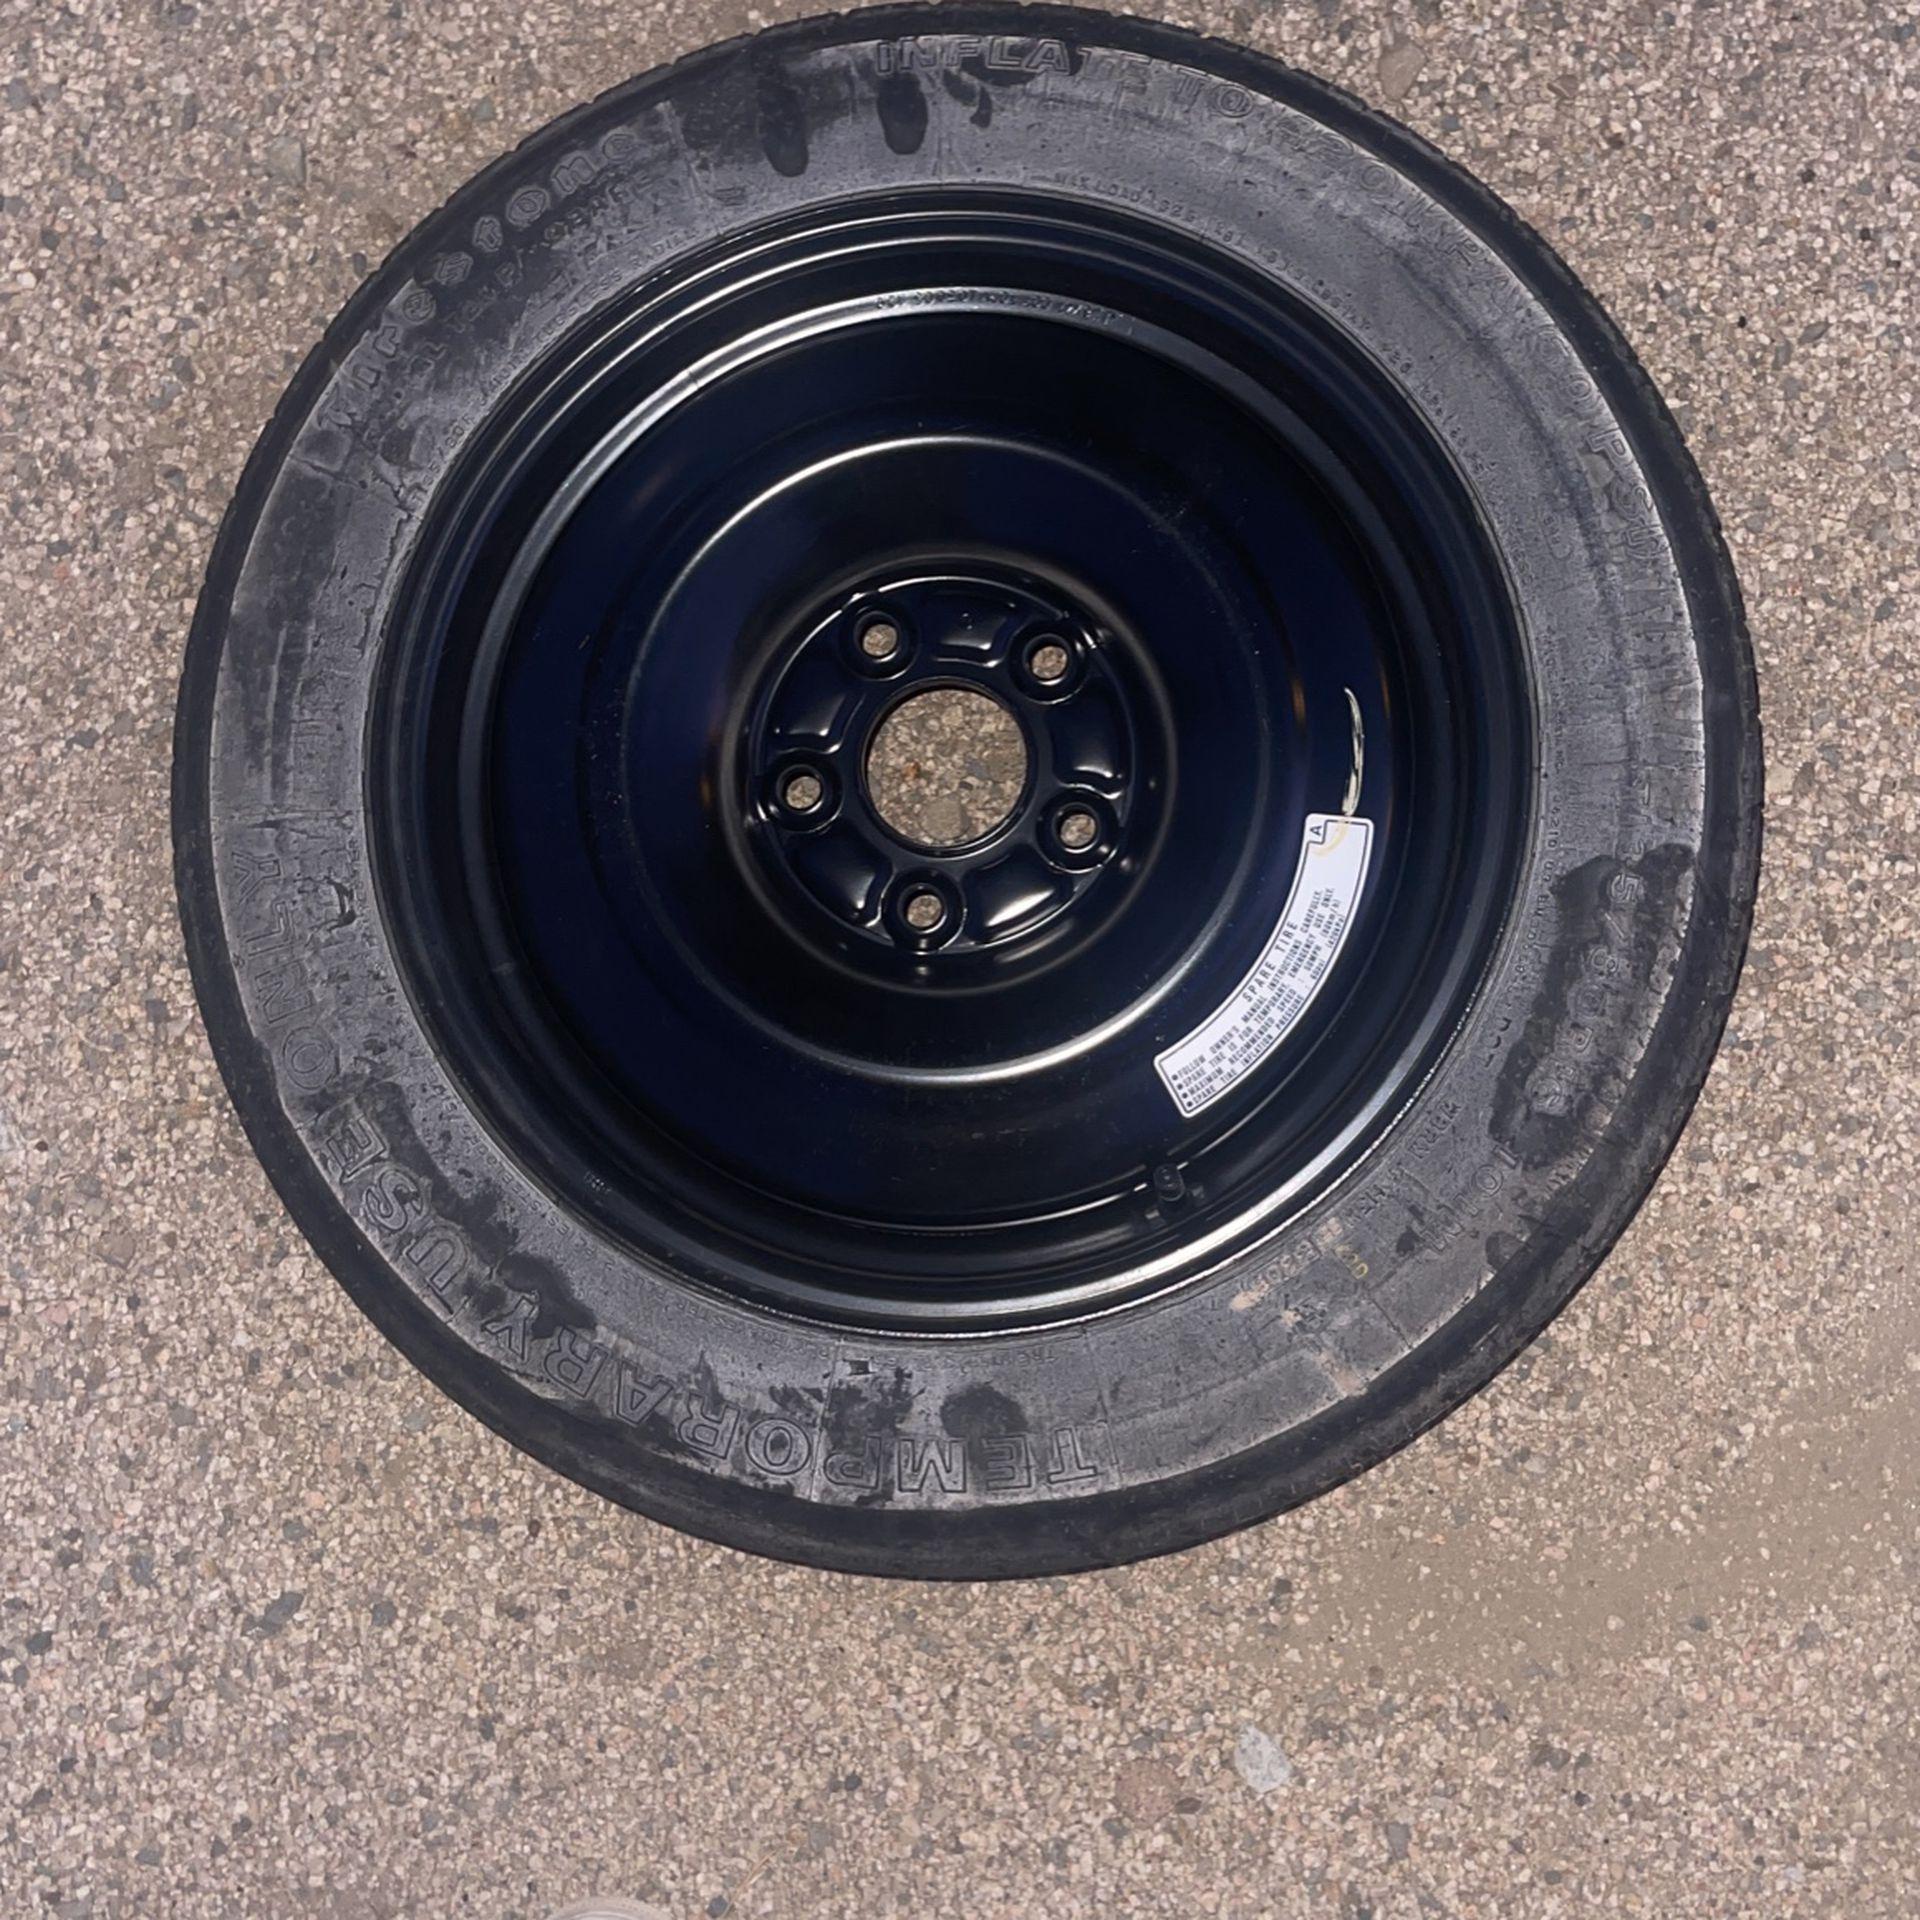 Acura TL Spare Tire